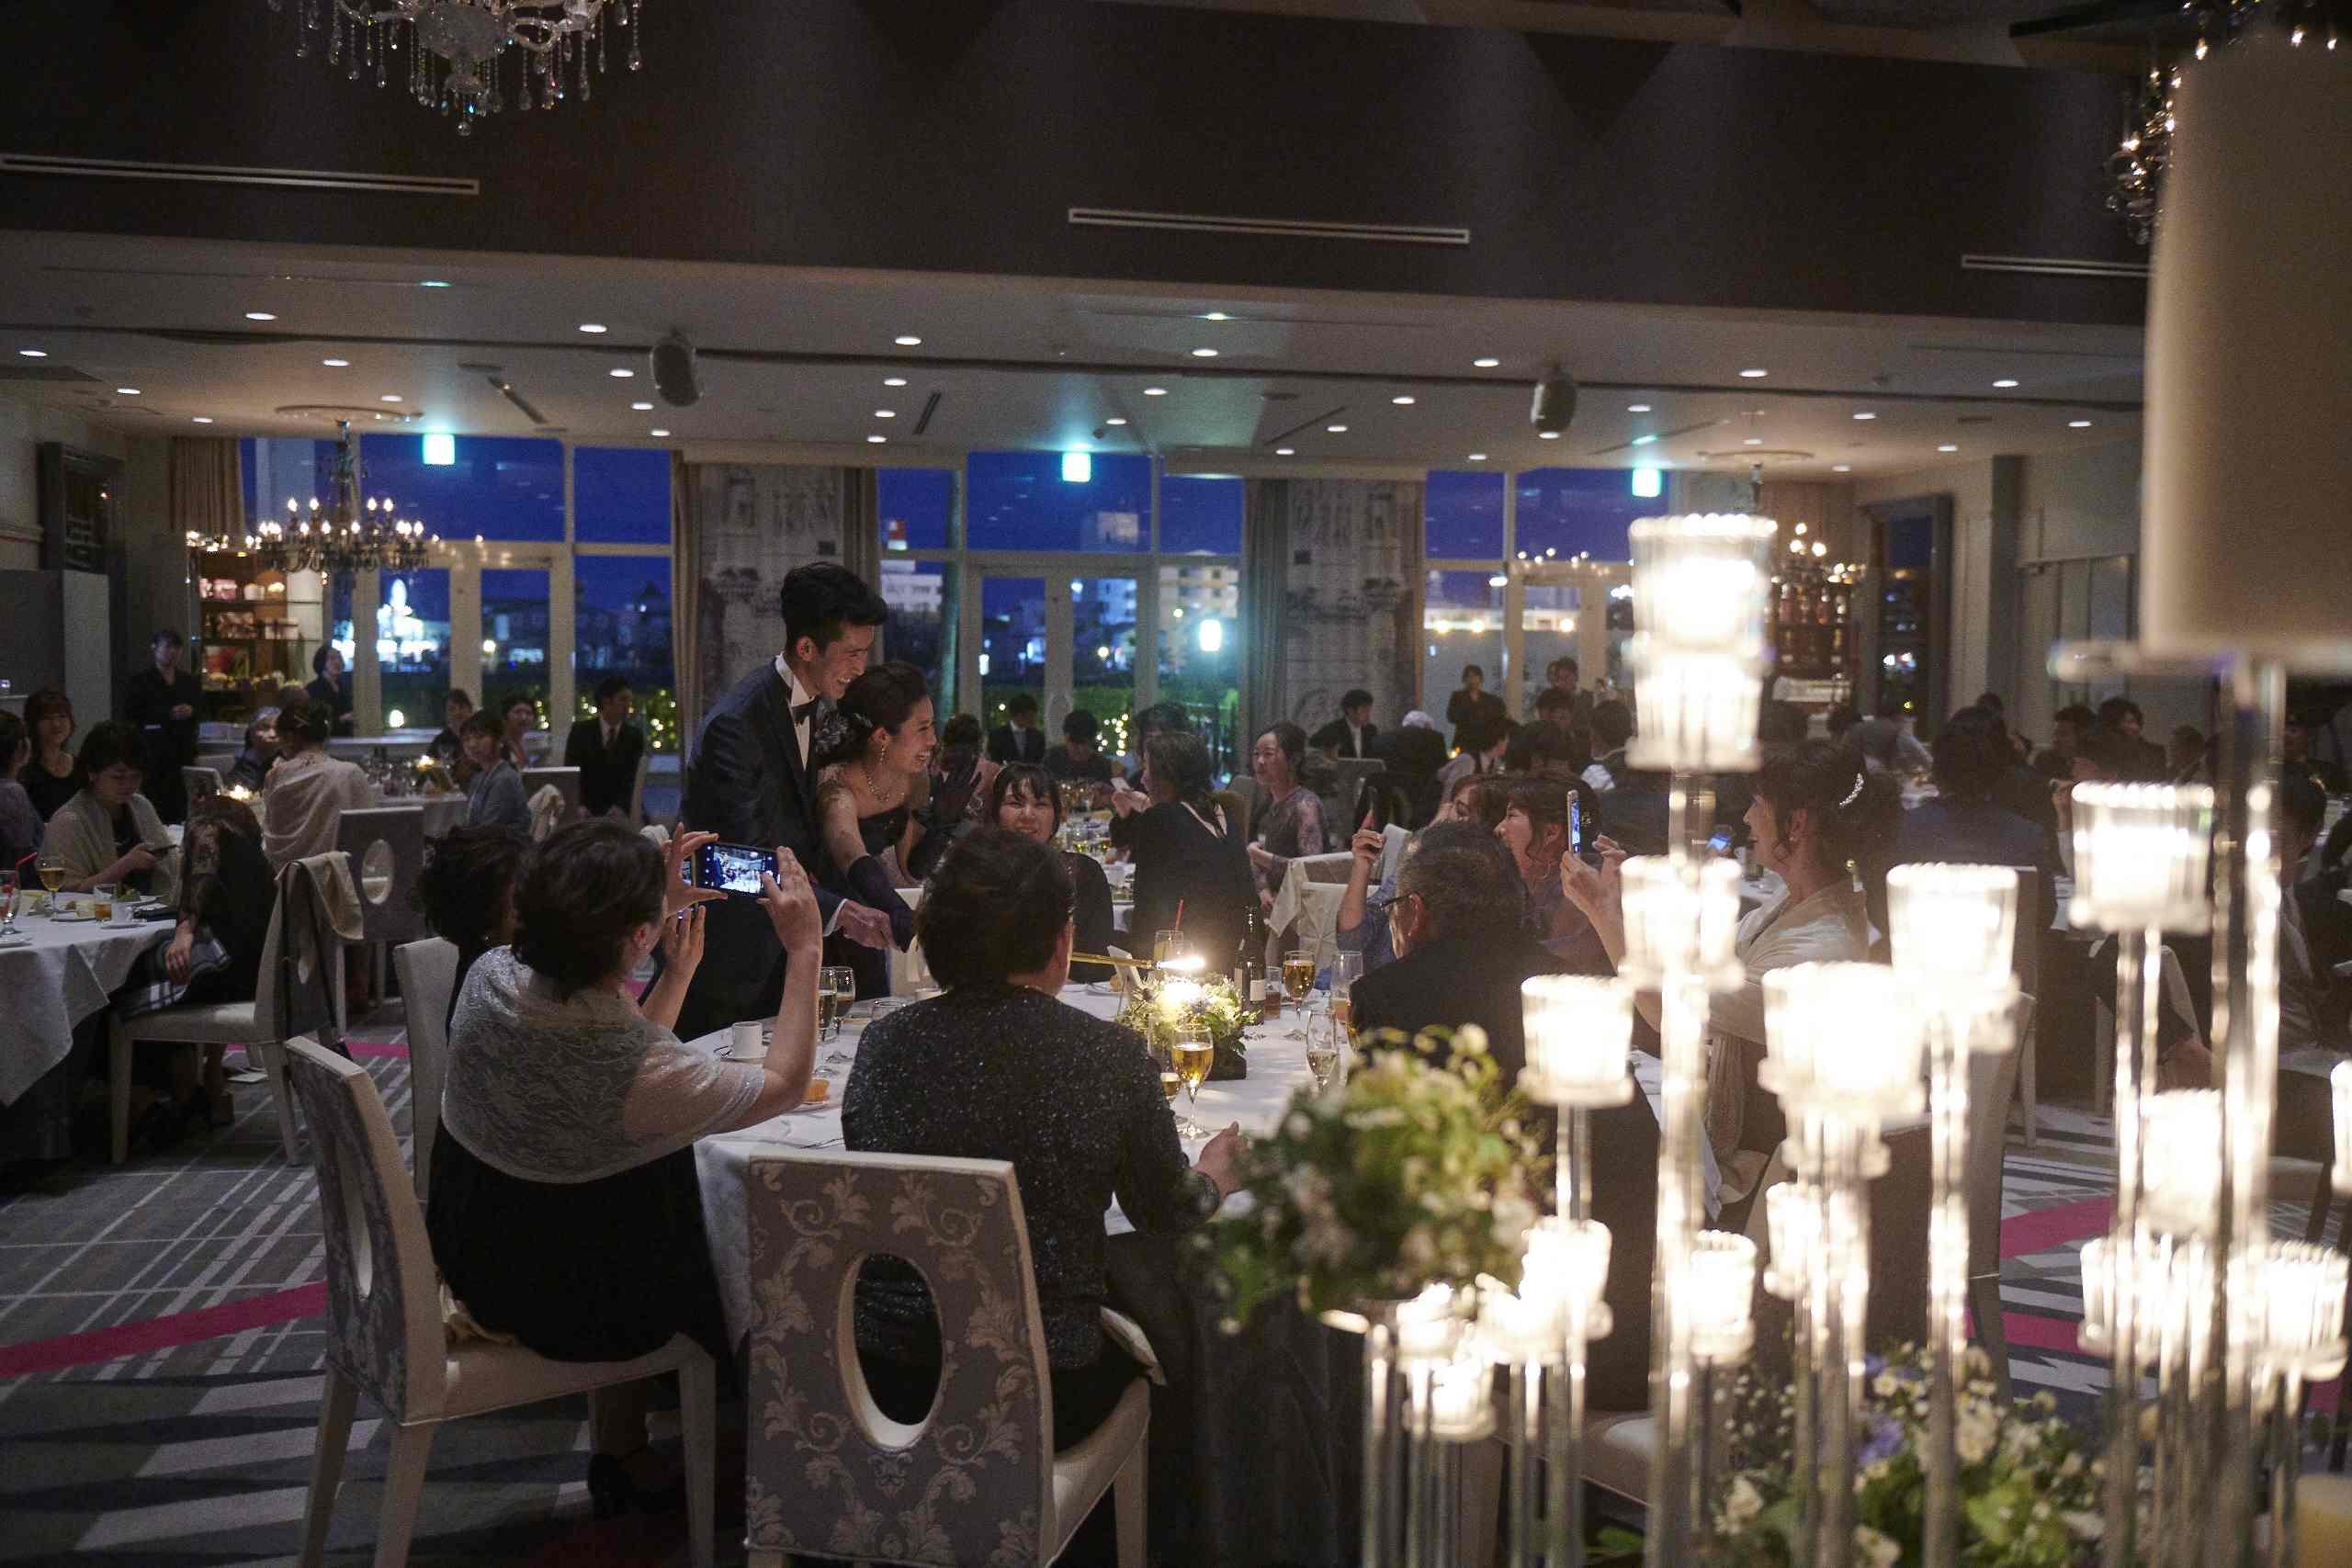 徳島市の結婚式場ブランアンジュでキャンドルサービスを行う新郎新婦様